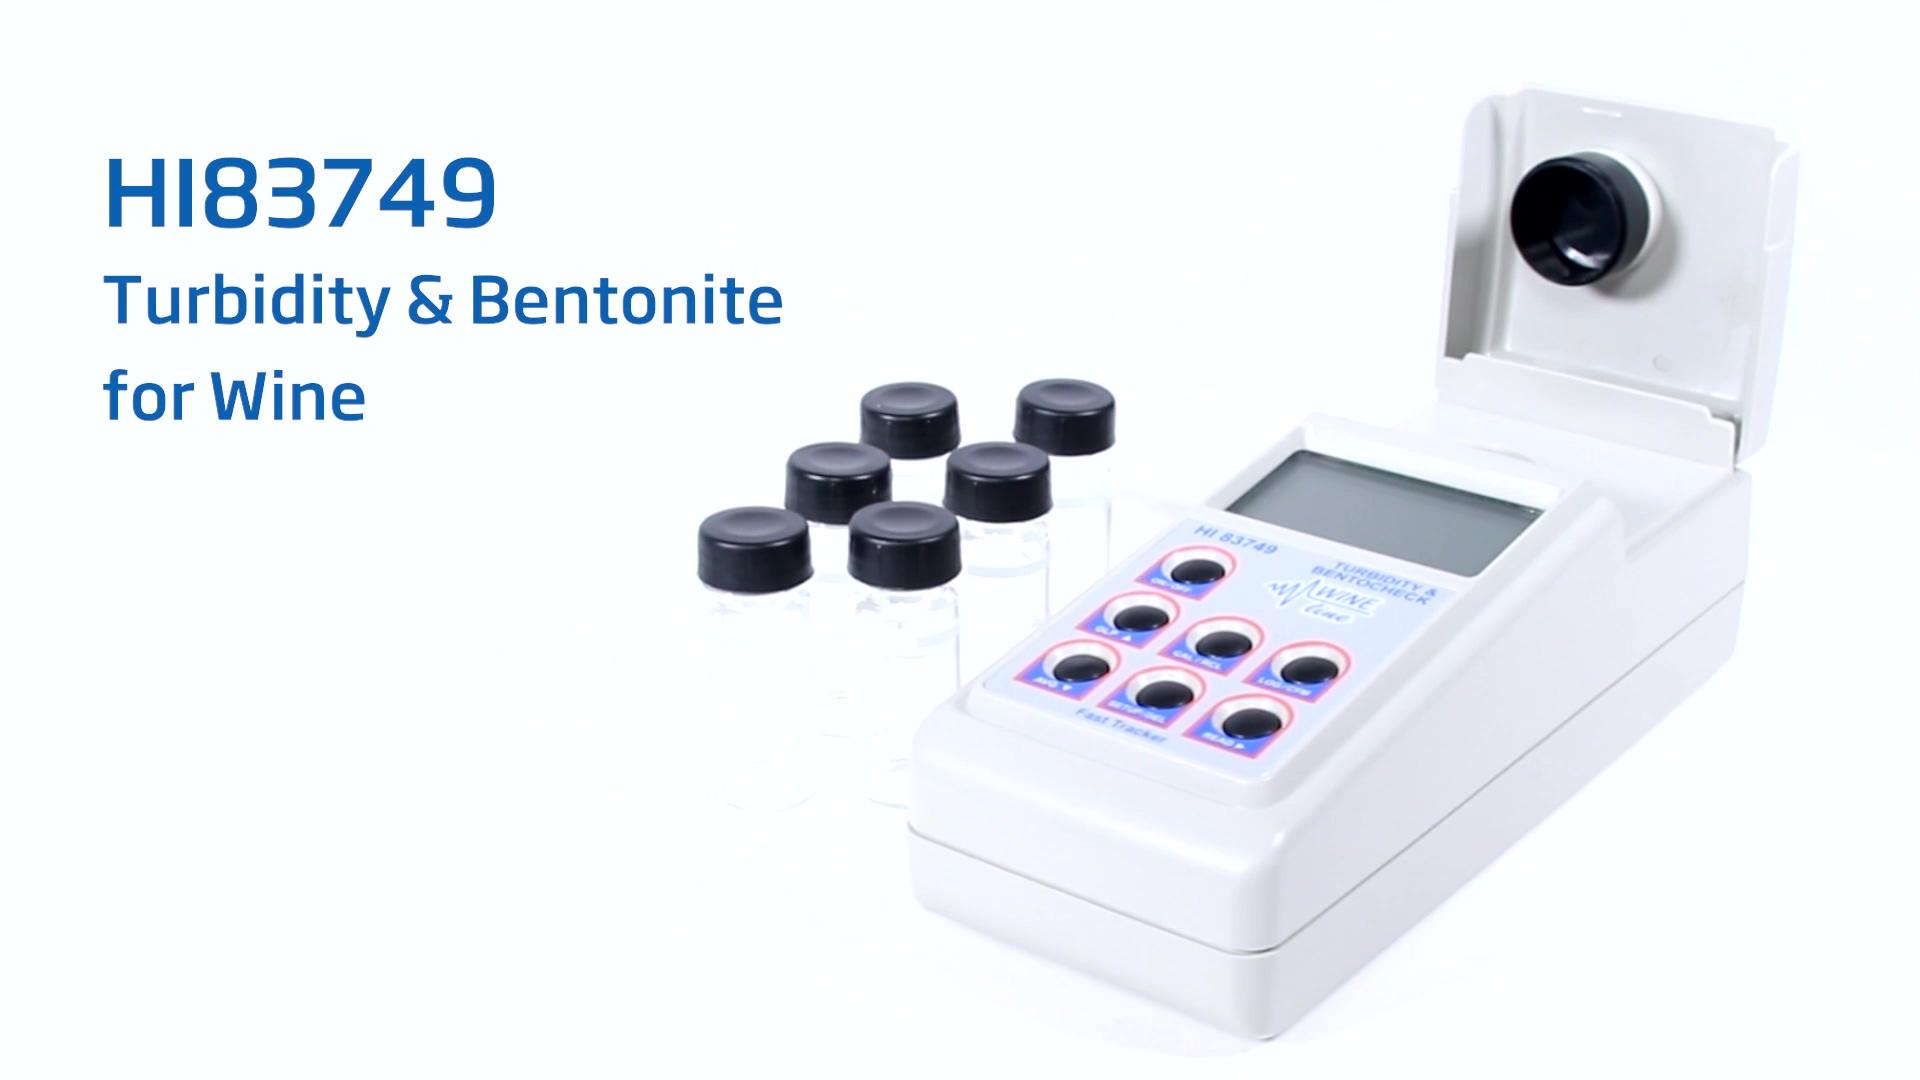 HI83749 Turbidity and Bentonite Meter for Wine-thumb